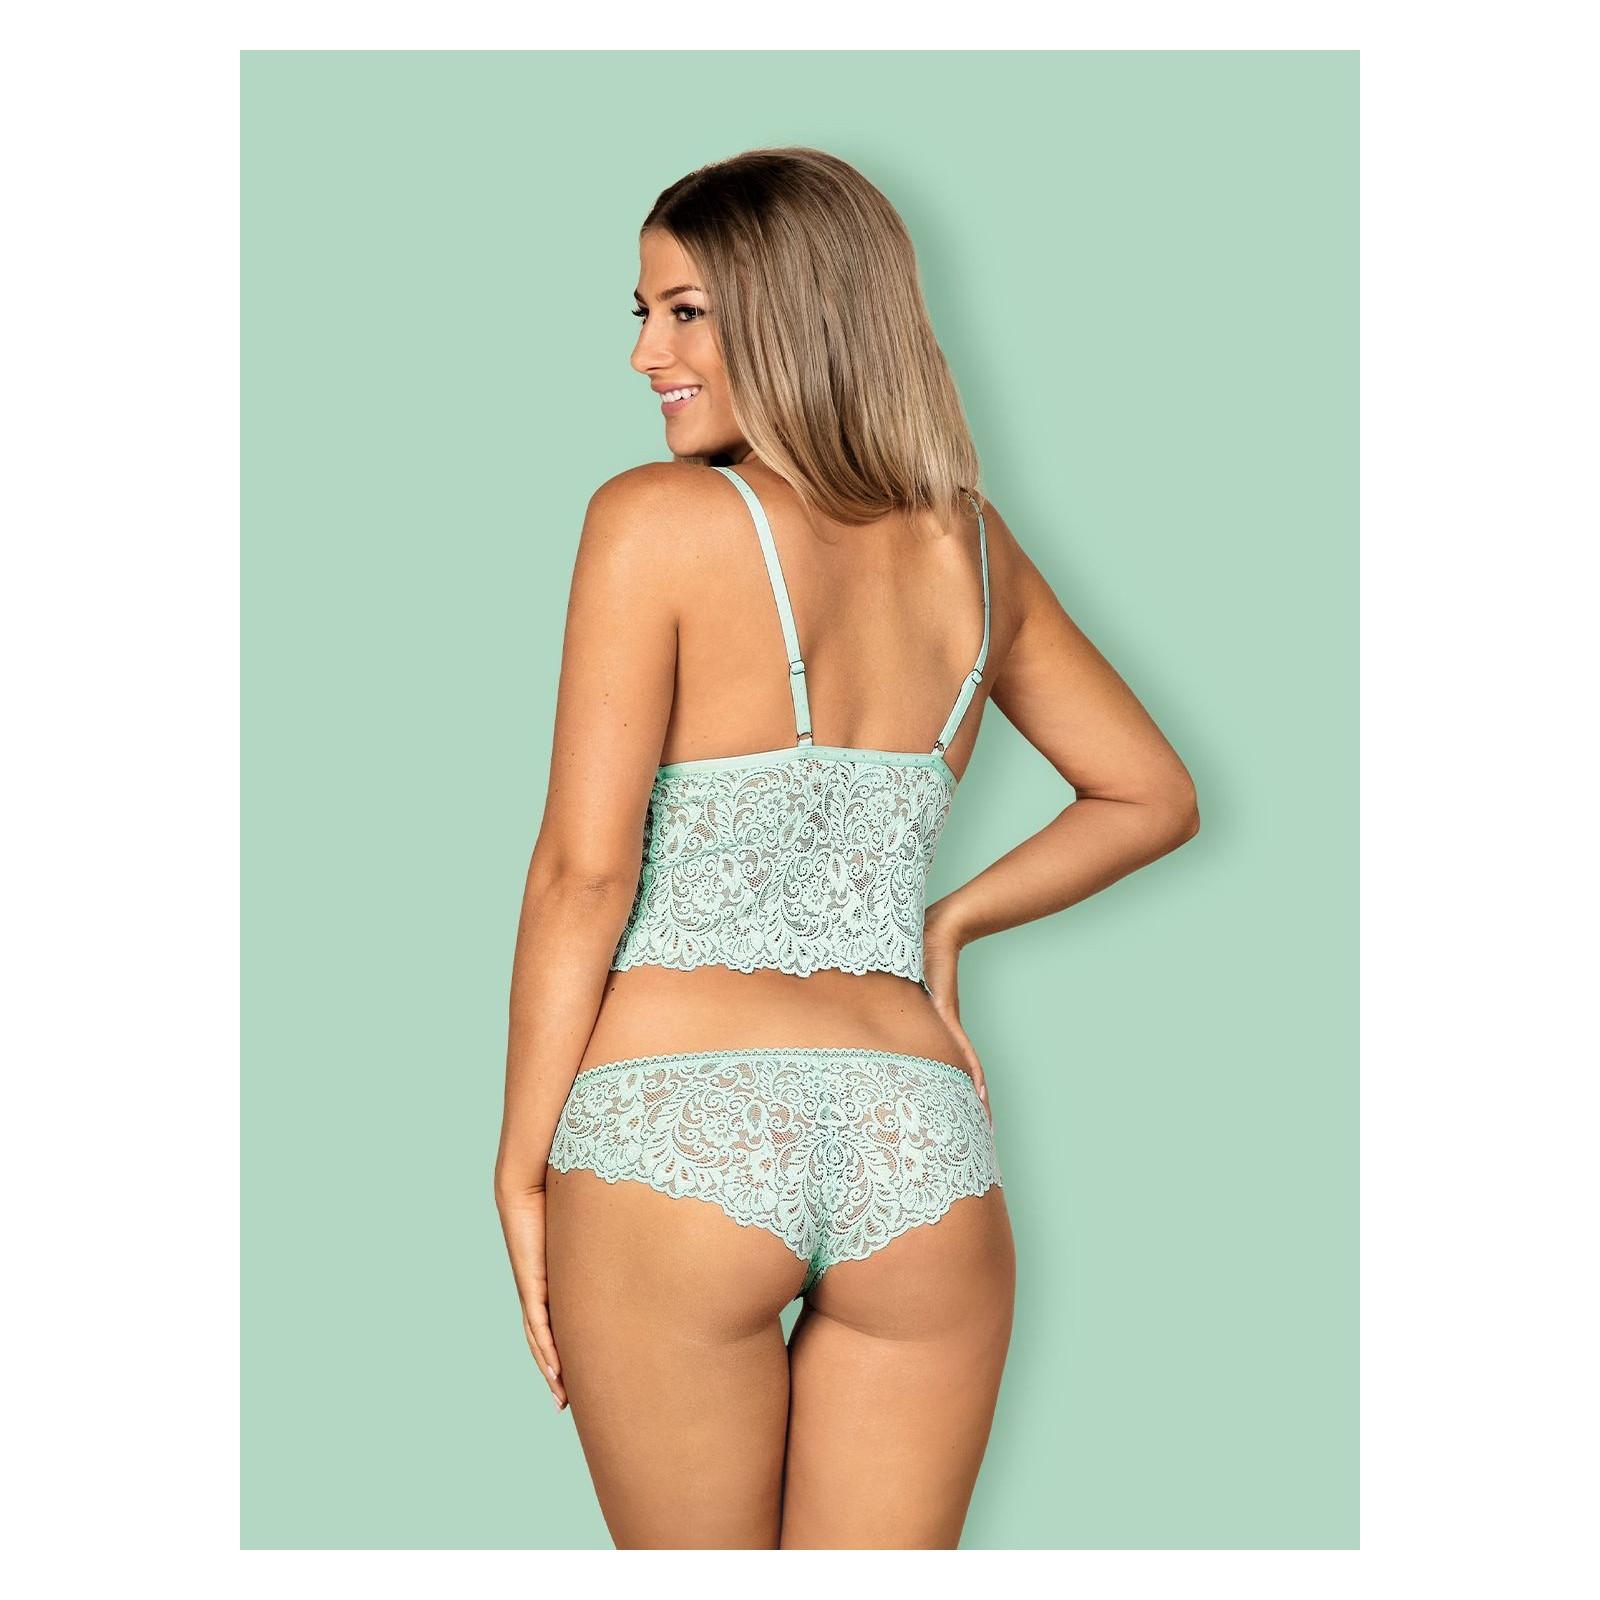 Delicanta Top & Panties mint - 2 - Vorschaubild